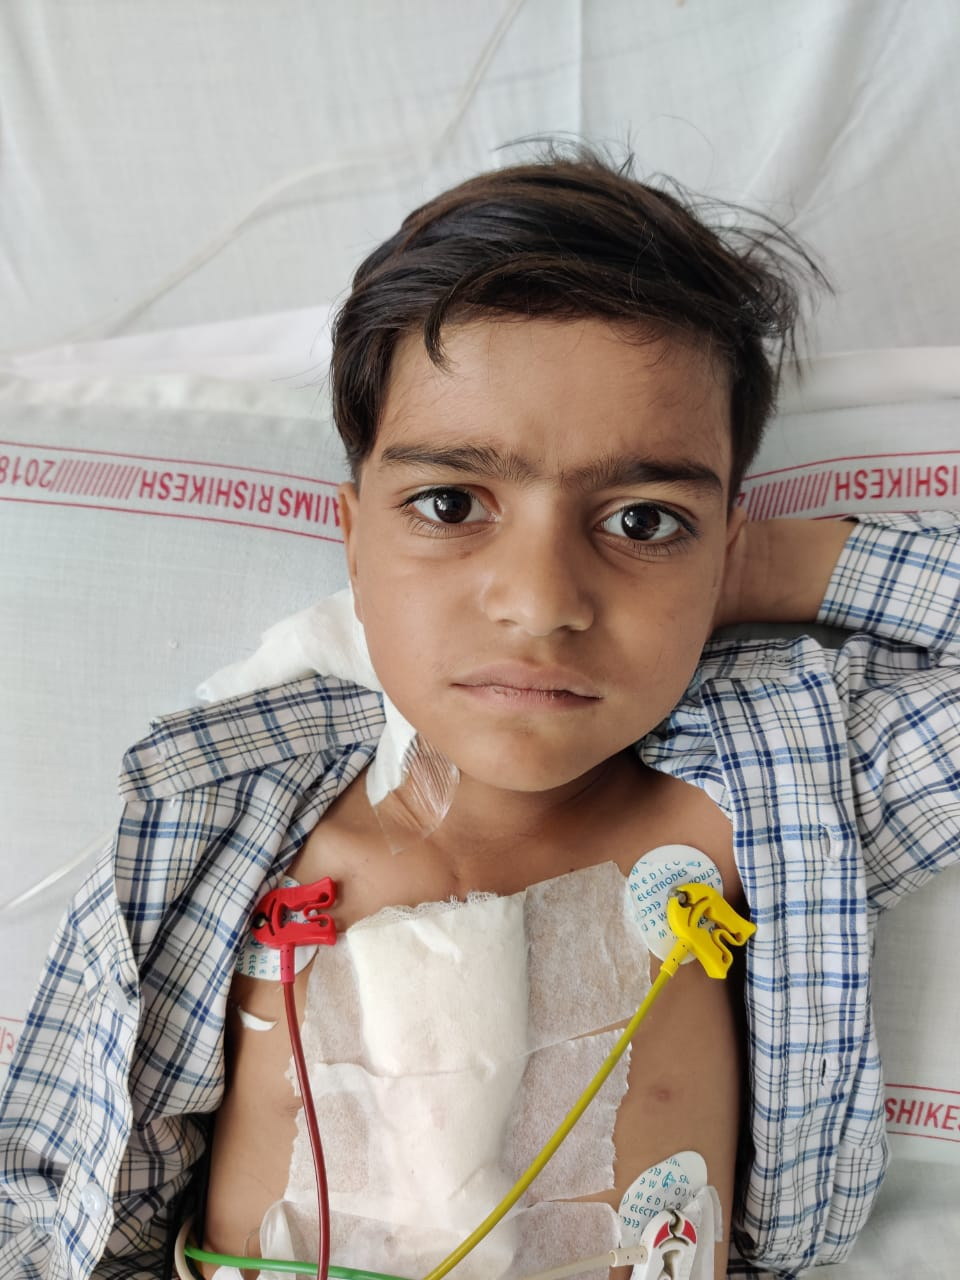 AIIMS Rishikesh: बच्चे के दिल का जटिल ऑपरेशन, दिल में छेद के साथ थे फेफड़े में खून के थक्के